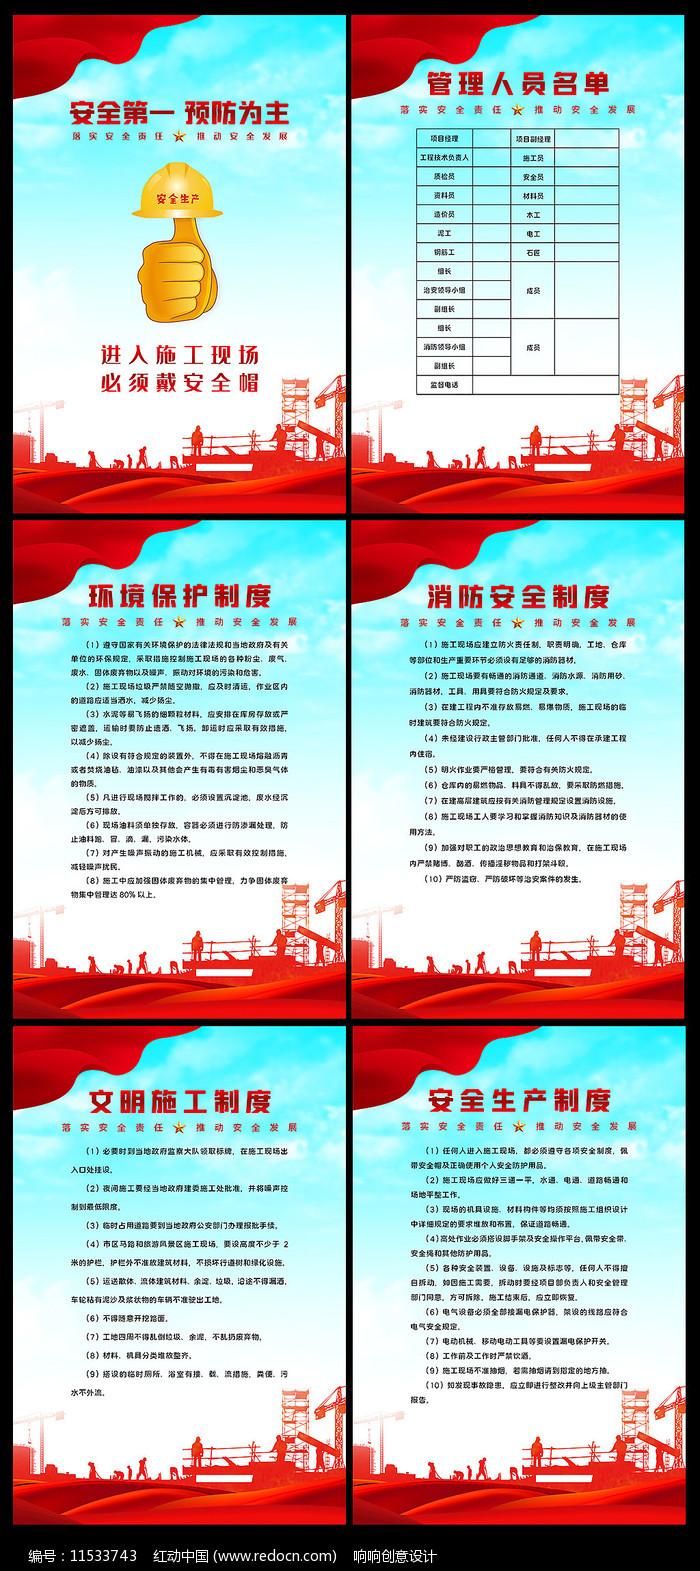 房地产建筑工地施工工地制度牌展板图片